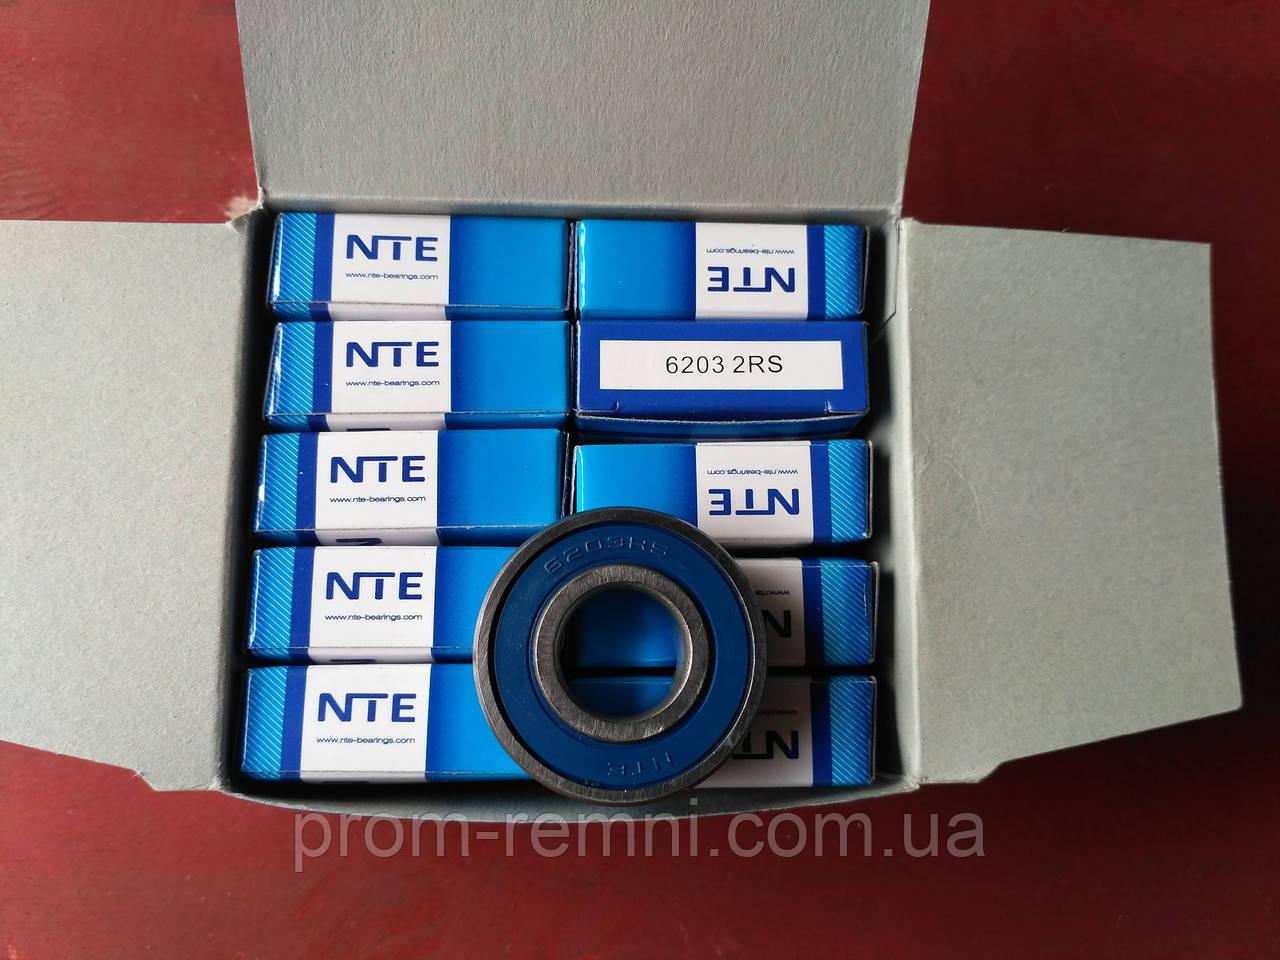 Радіальний однорядний шариковыйподшипник 6203 2RS, NTE (Словаччина)